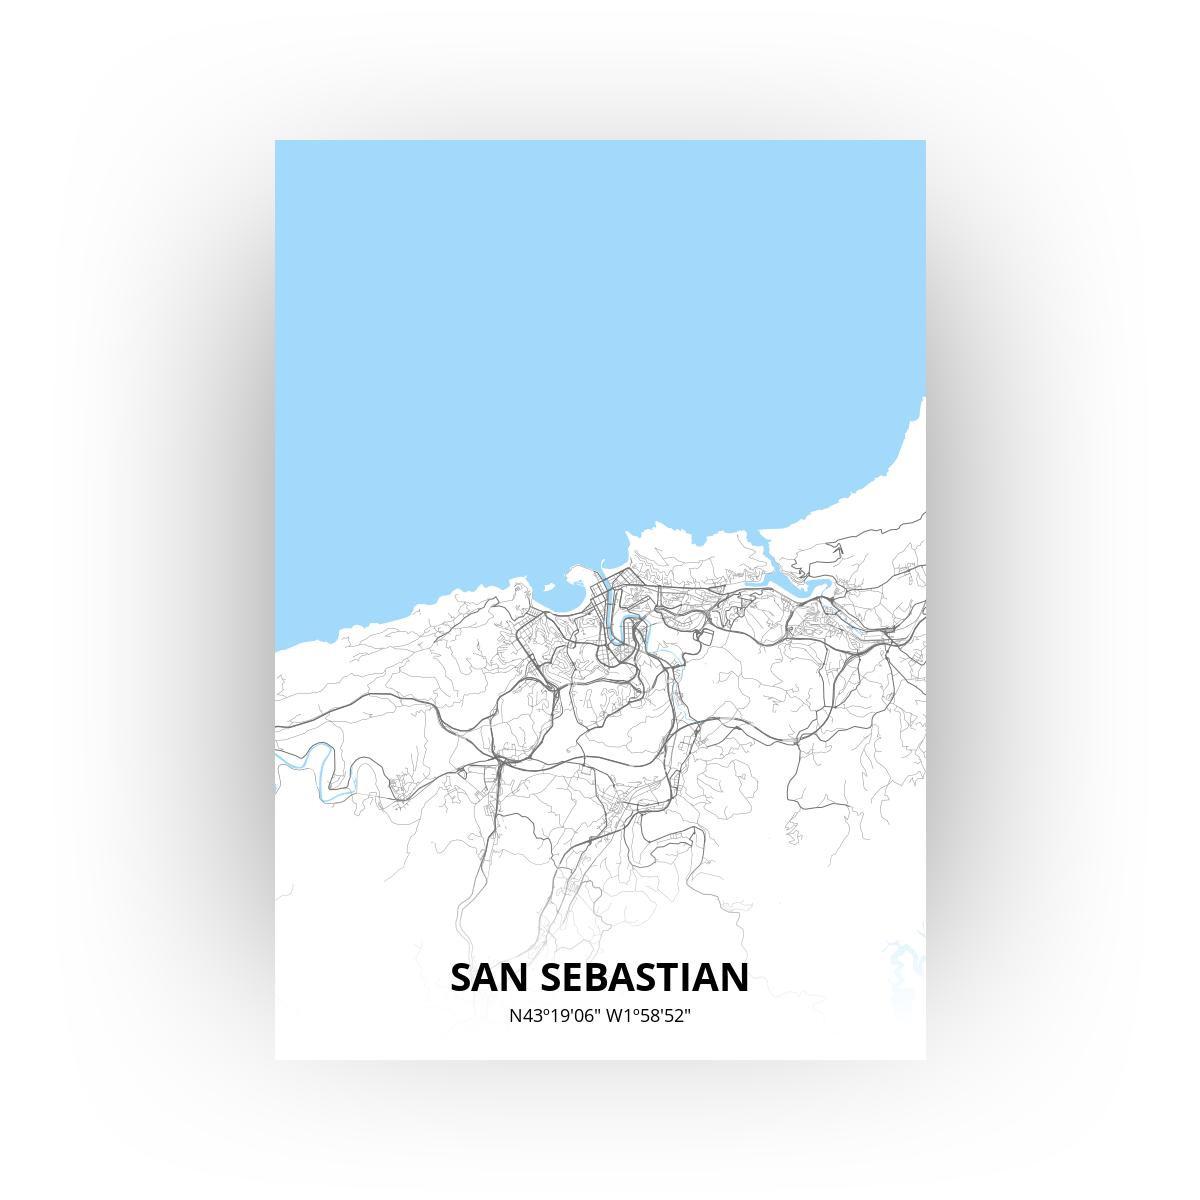 San Sebastian poster - Zelf aan te passen!